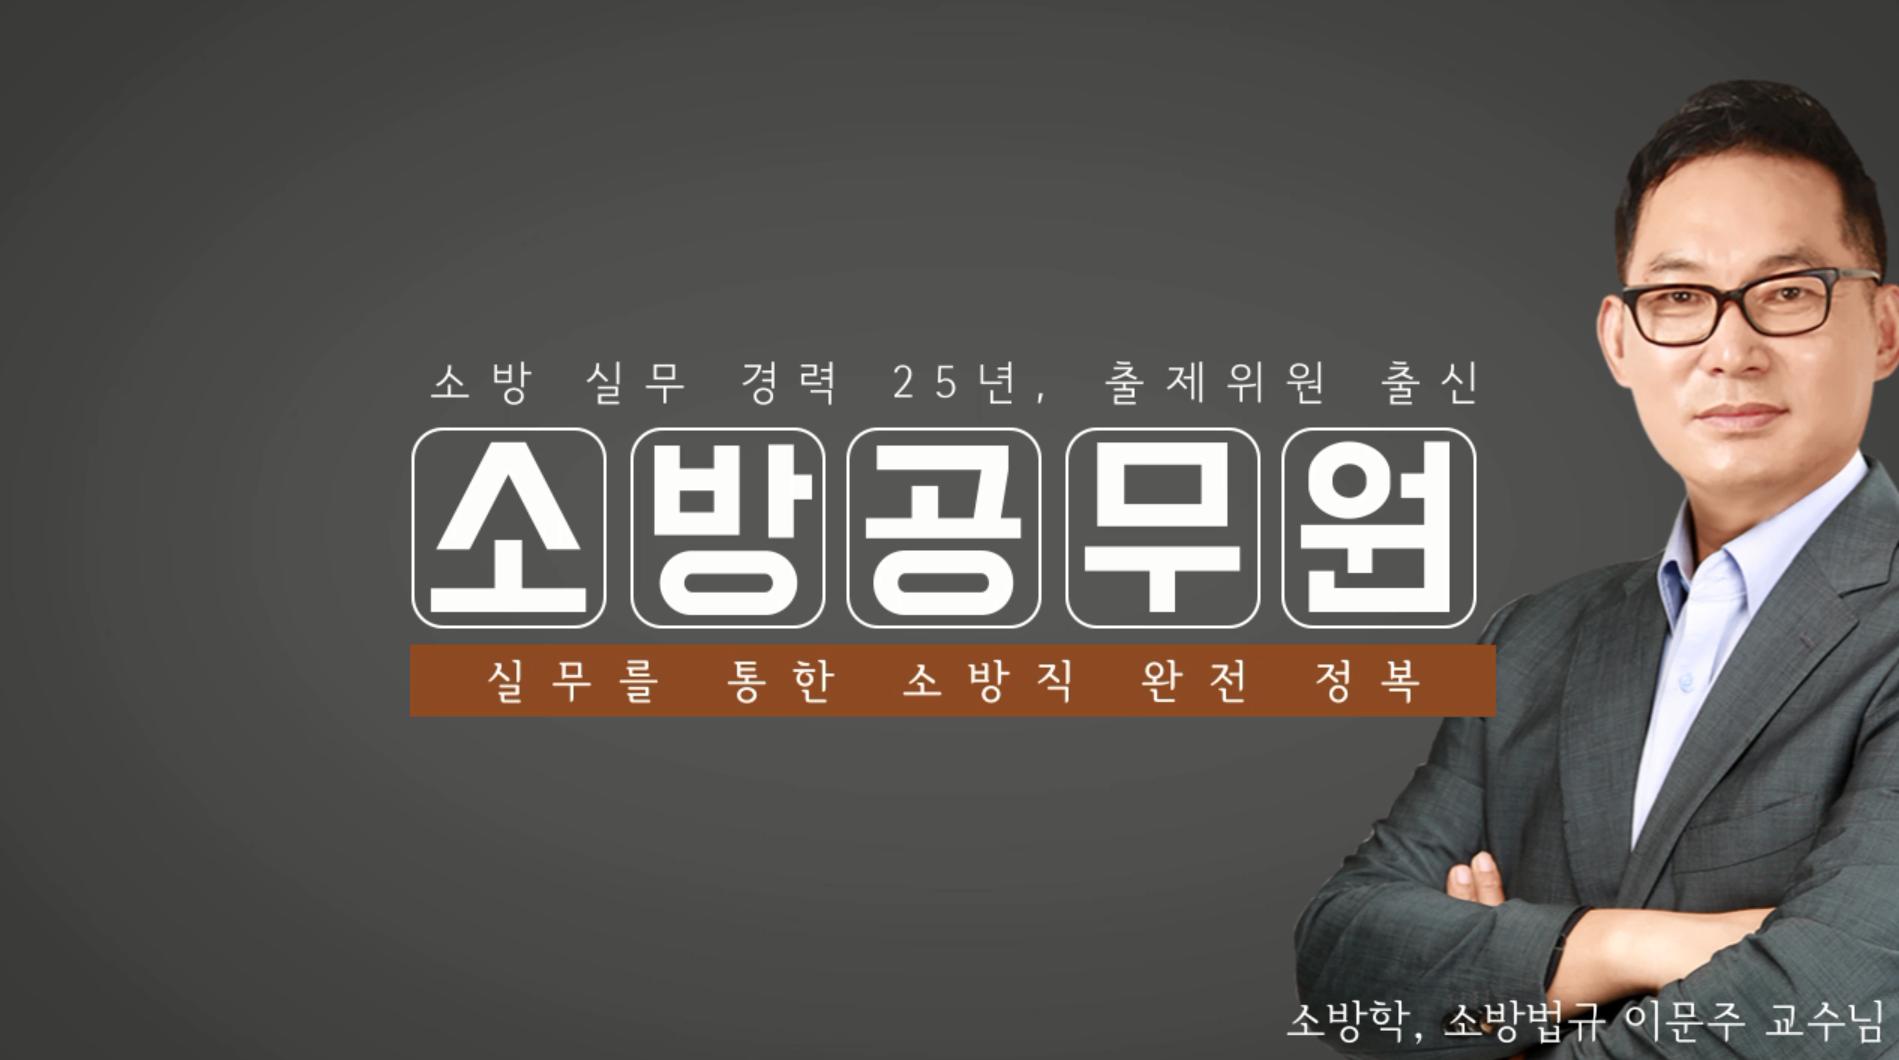 이문주 | 2019소방직 소방학개론 기본+심화이론 (18년 11,12월)